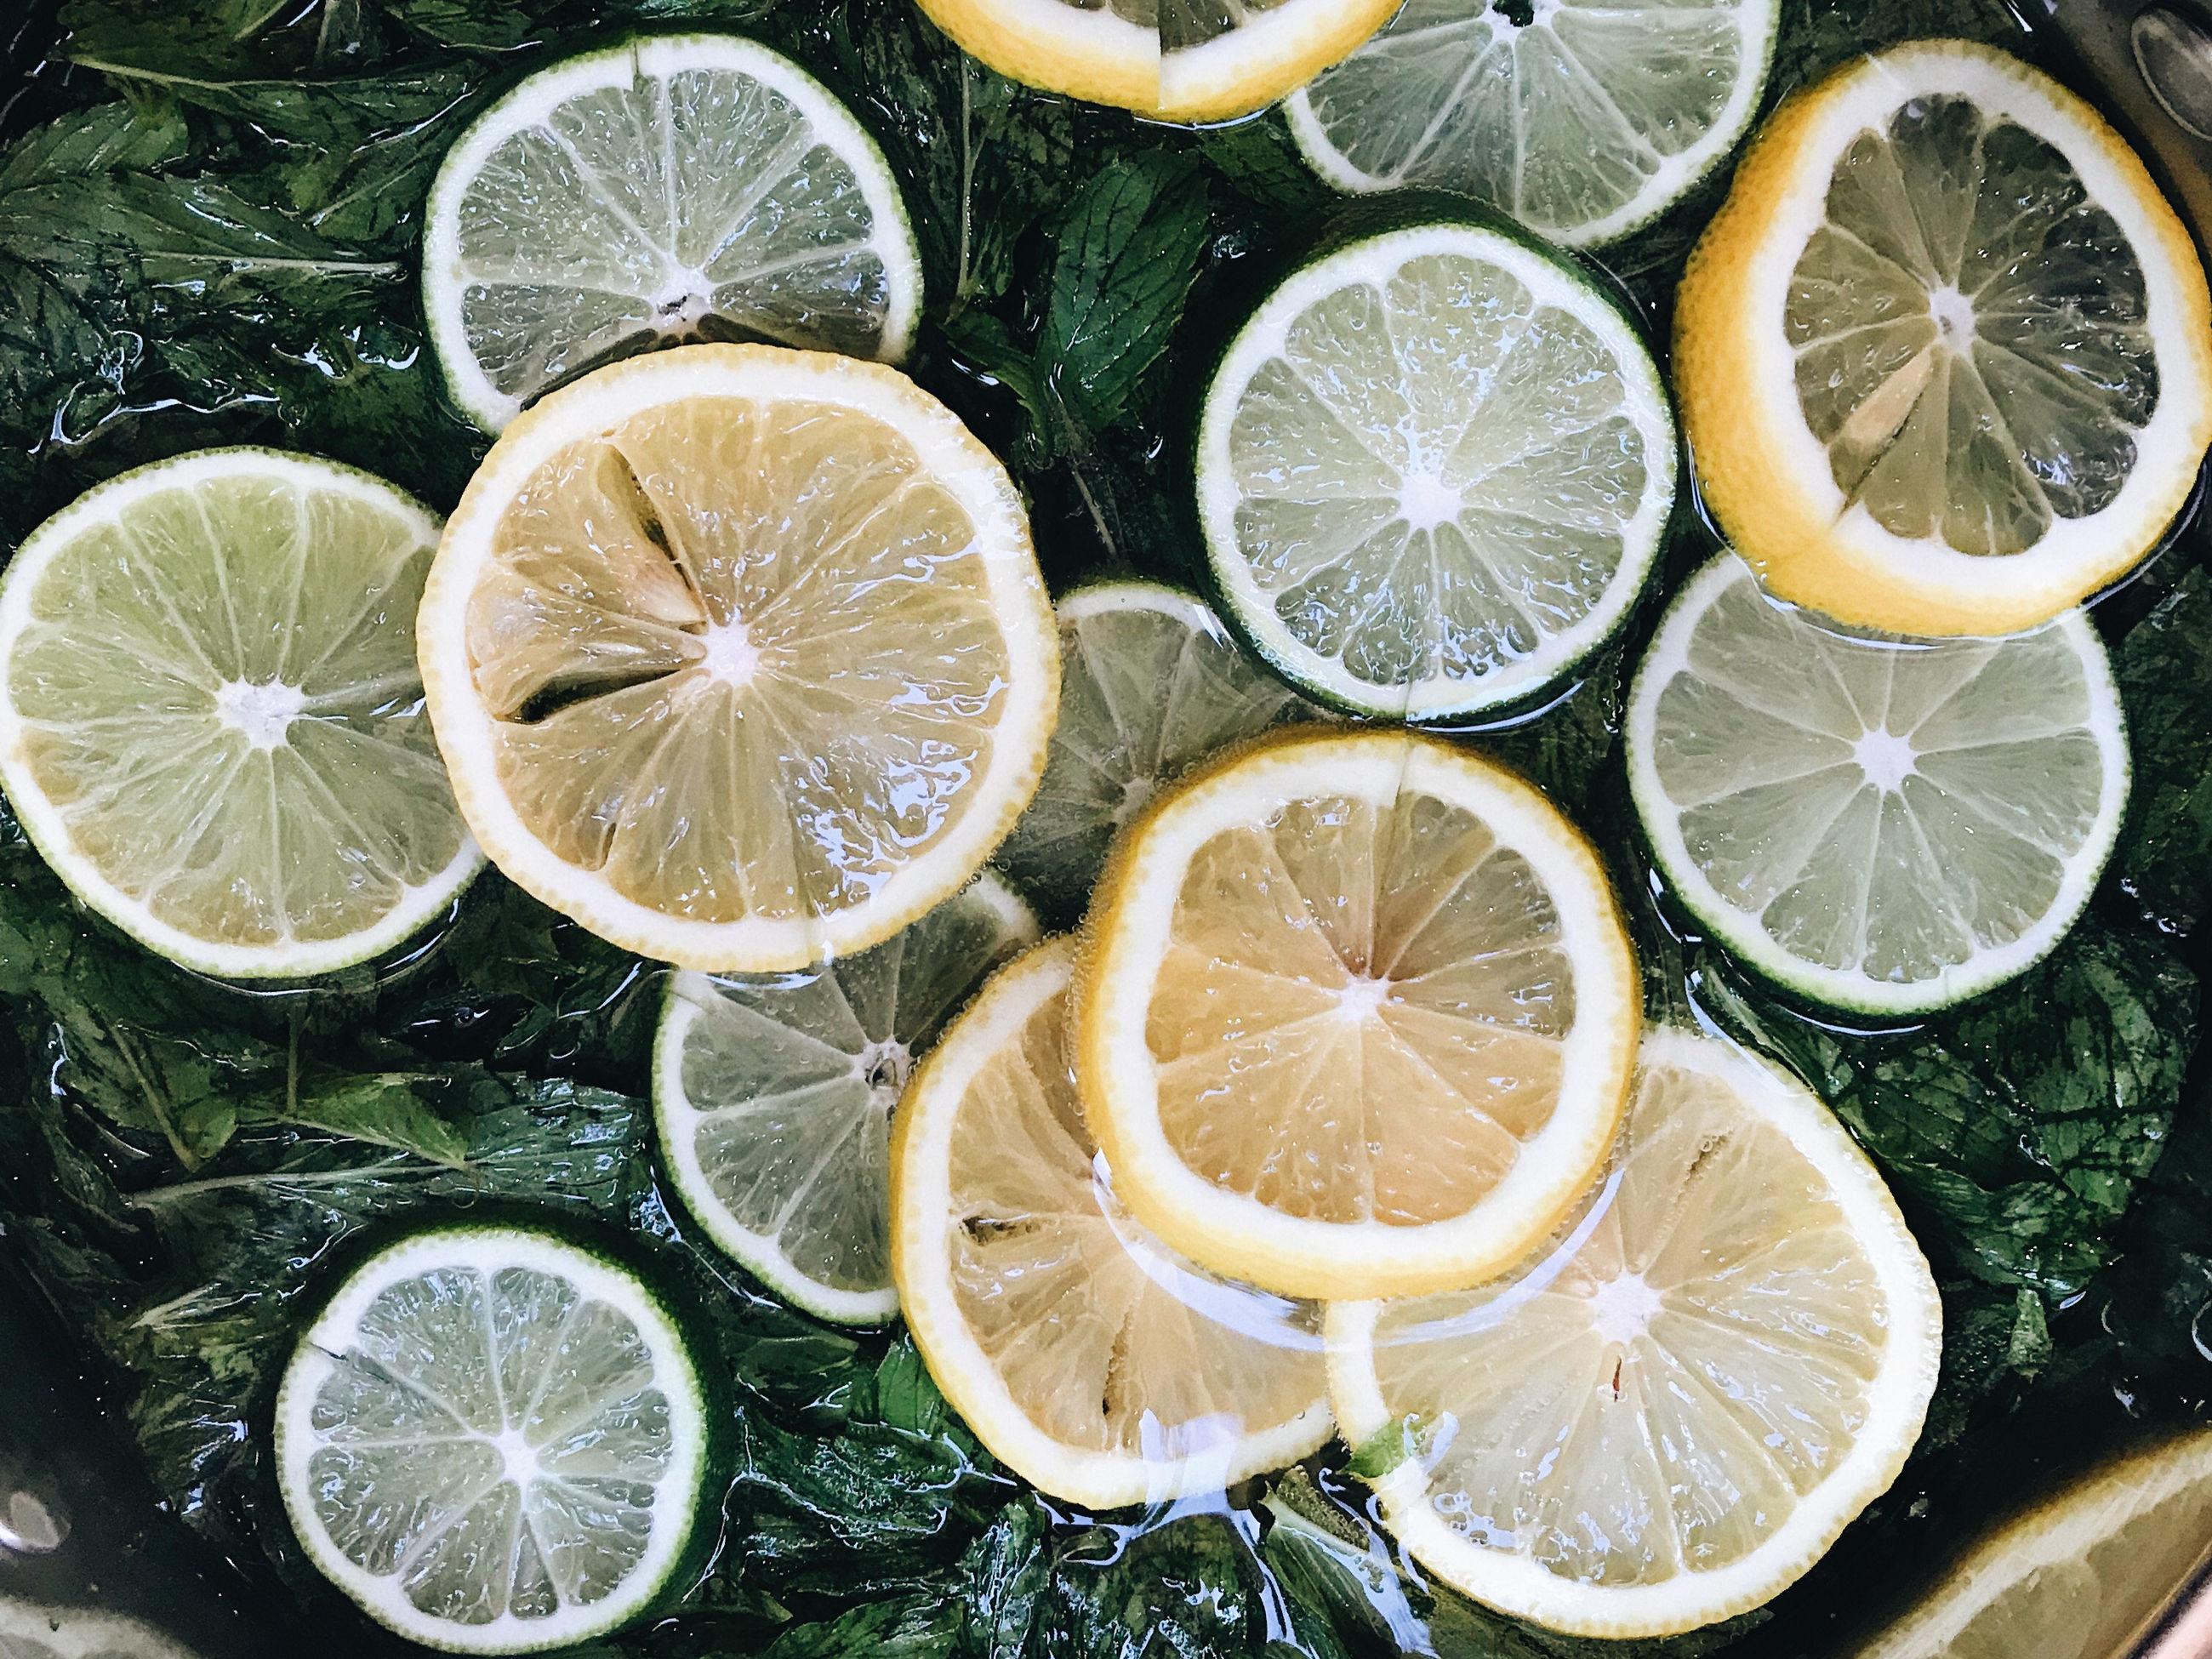 High angle view of lemonade with lemons and mint